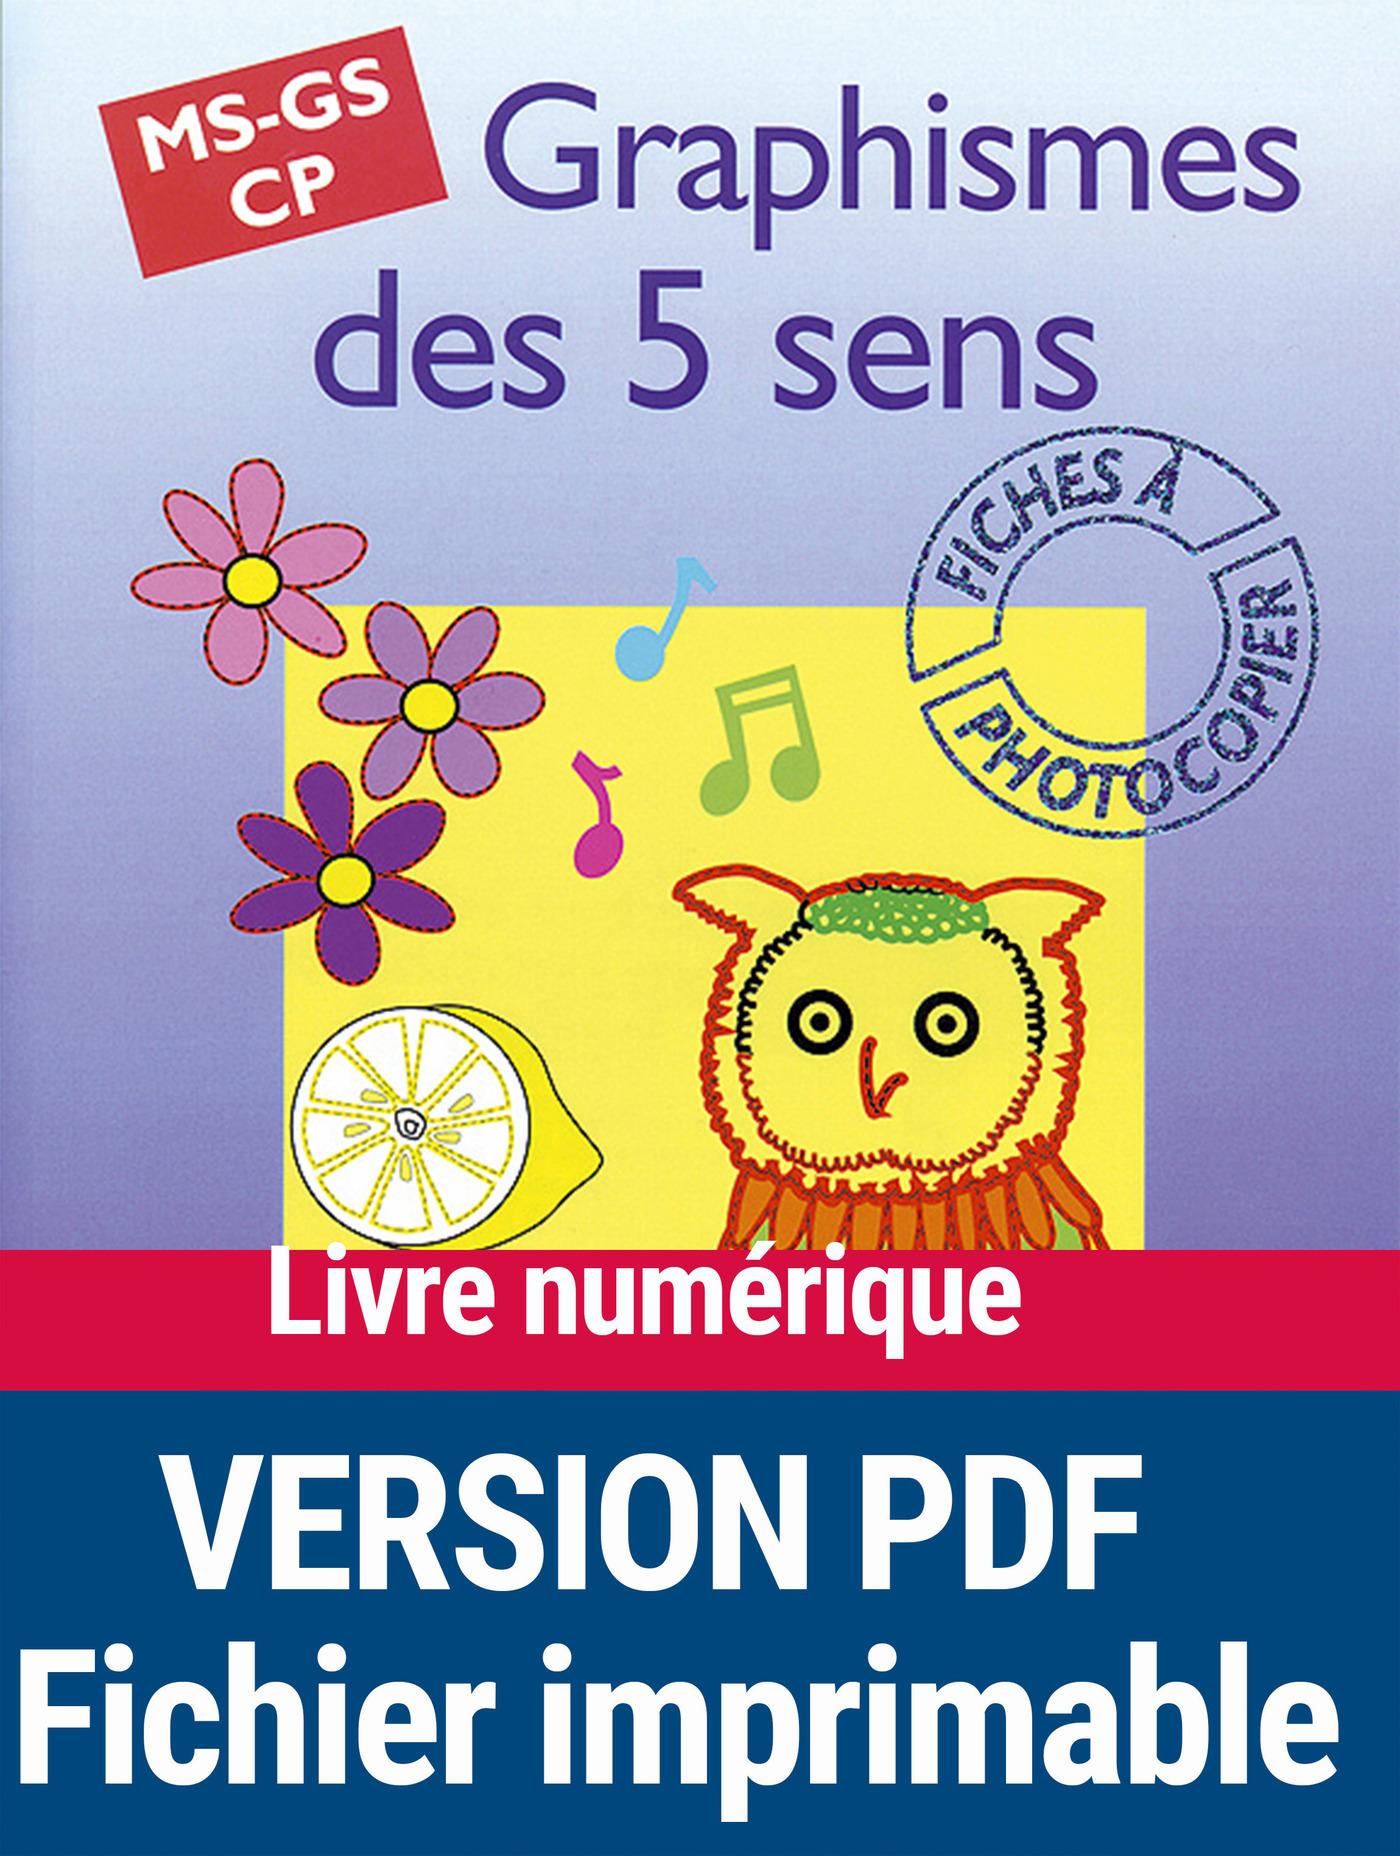 Graphismes des 5 sens (ebook)